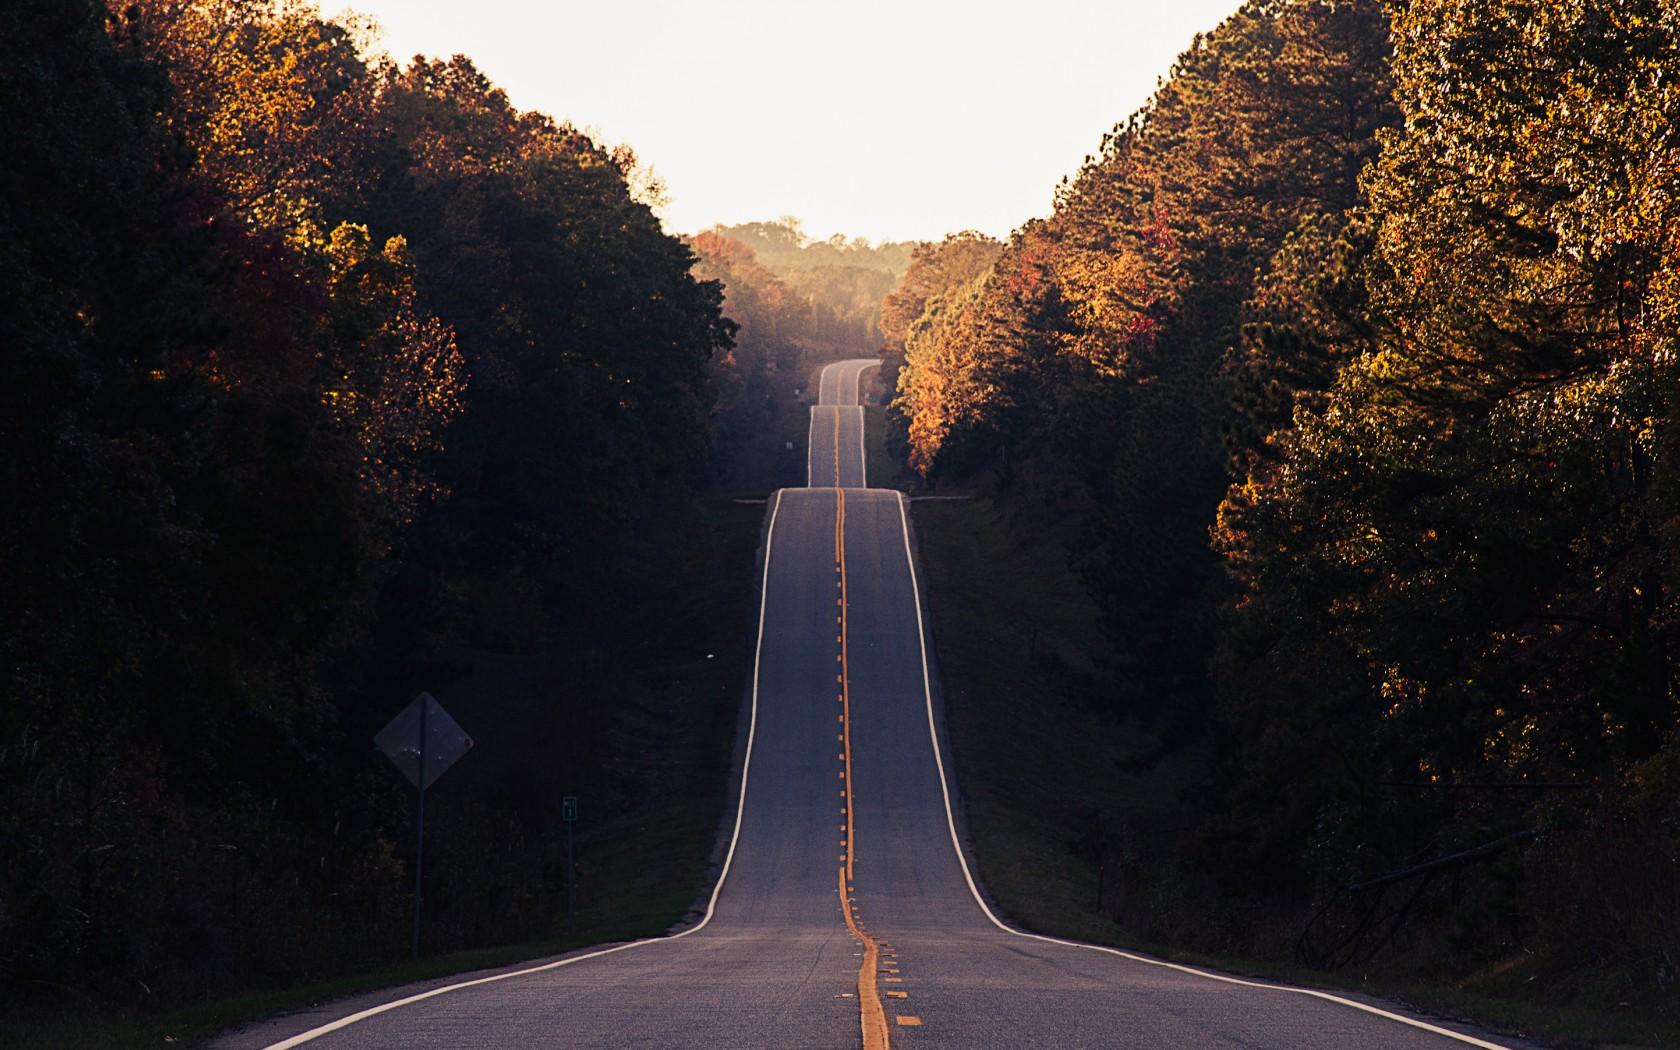 фото красивой длинной дороги бобов были обнаружены